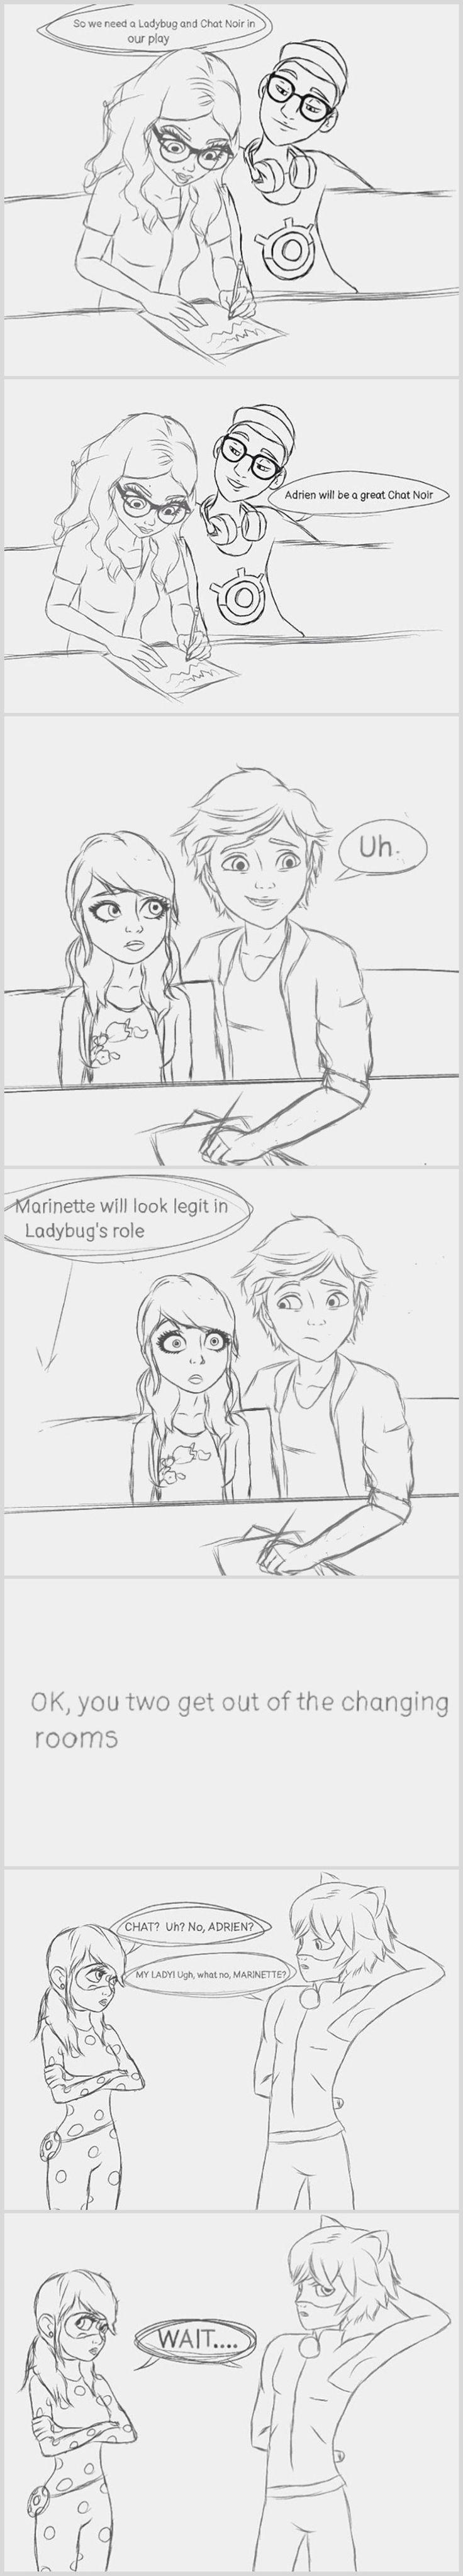 """Alya: """"Entonces necesitamos a Ladybug y Chat Noir en nuestro juego"""" Nino: """"Adrien será un gran Chat Noir"""" Adrien: """"uh"""" Alya: """"Marinette parecerá legítimo en el papel de Ladybug"""" """"OK, USTEDES DOS SALGAN DE LOS VESTIDORES"""" Marinette: """"Chat?, oh, no, Adrein?"""" Adrien: """"My lady, ugh no, Marinette.."""" """"Espera..."""" -- lo siento, no soy buena traduciendo"""